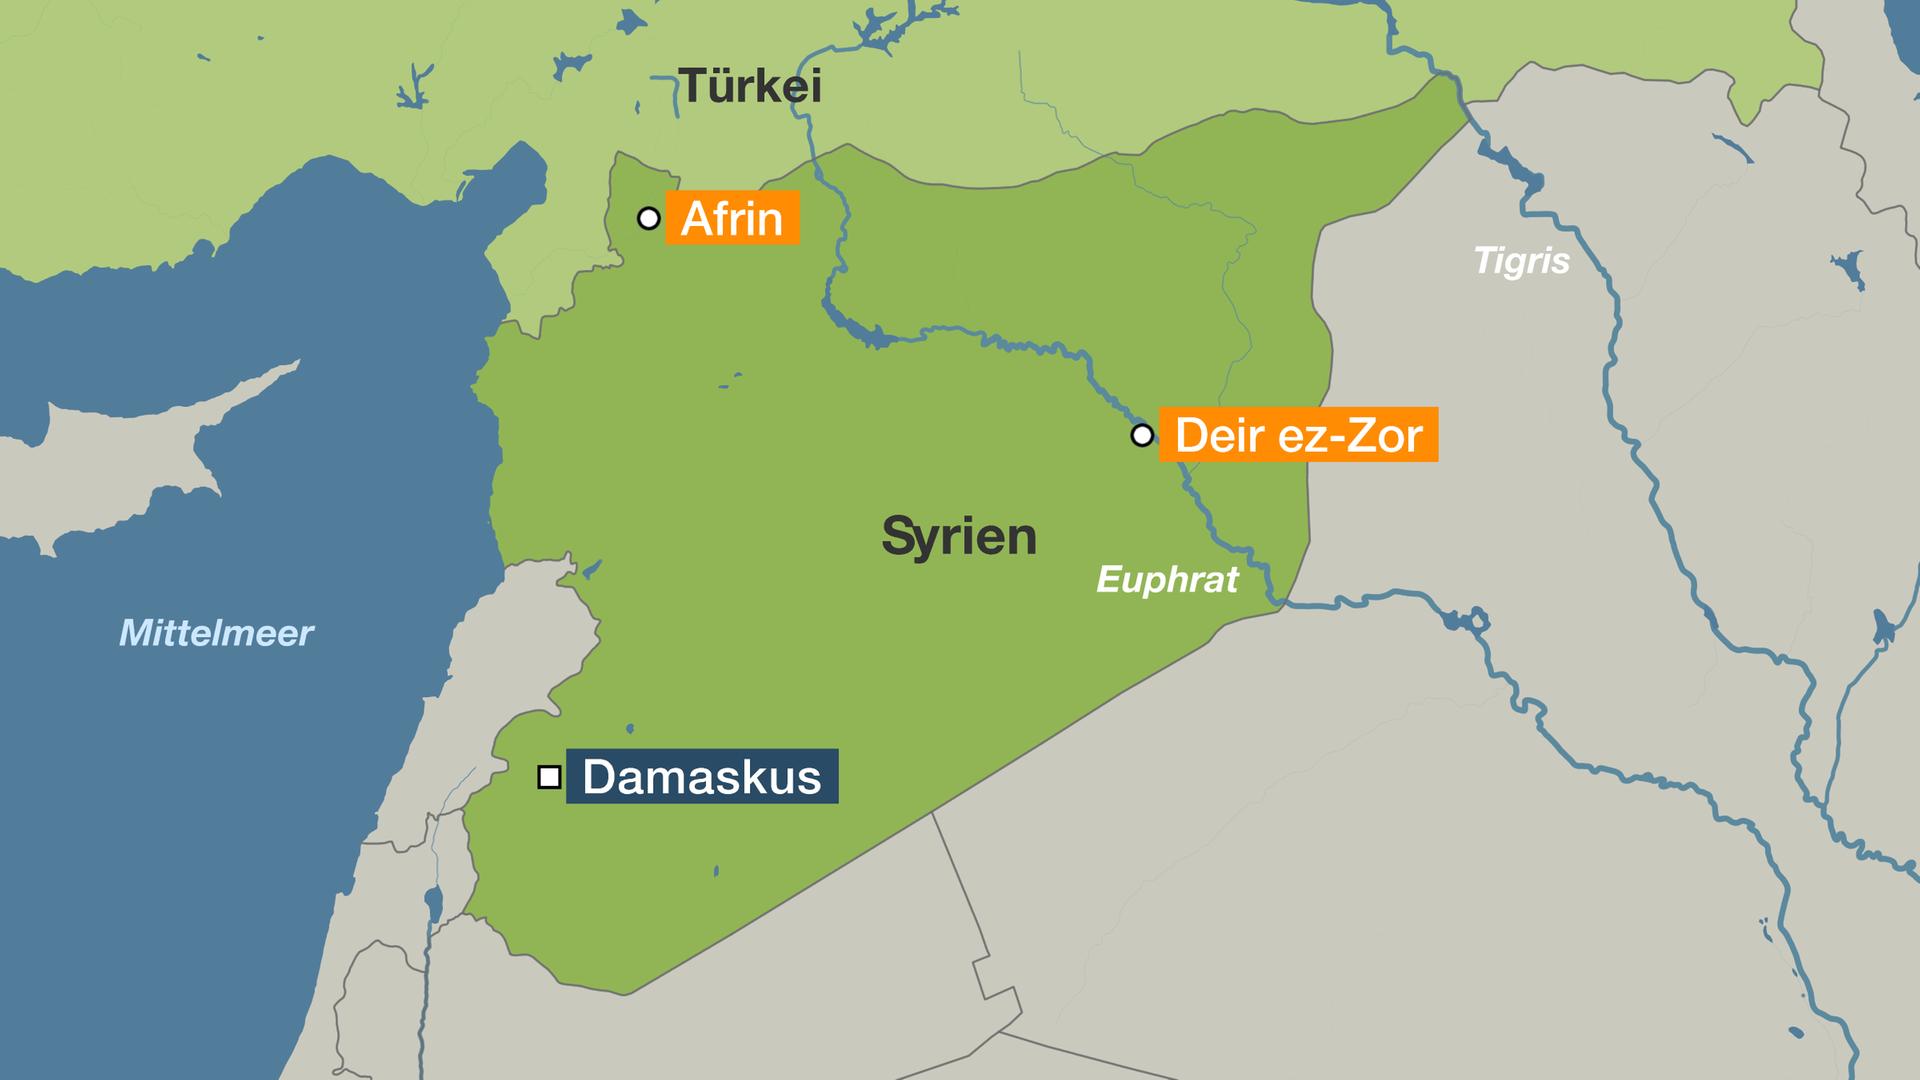 Kalter Krieg Karte.Stellvertreterkrieg Am Euphrat Syrien Zwischen Allen Fronten